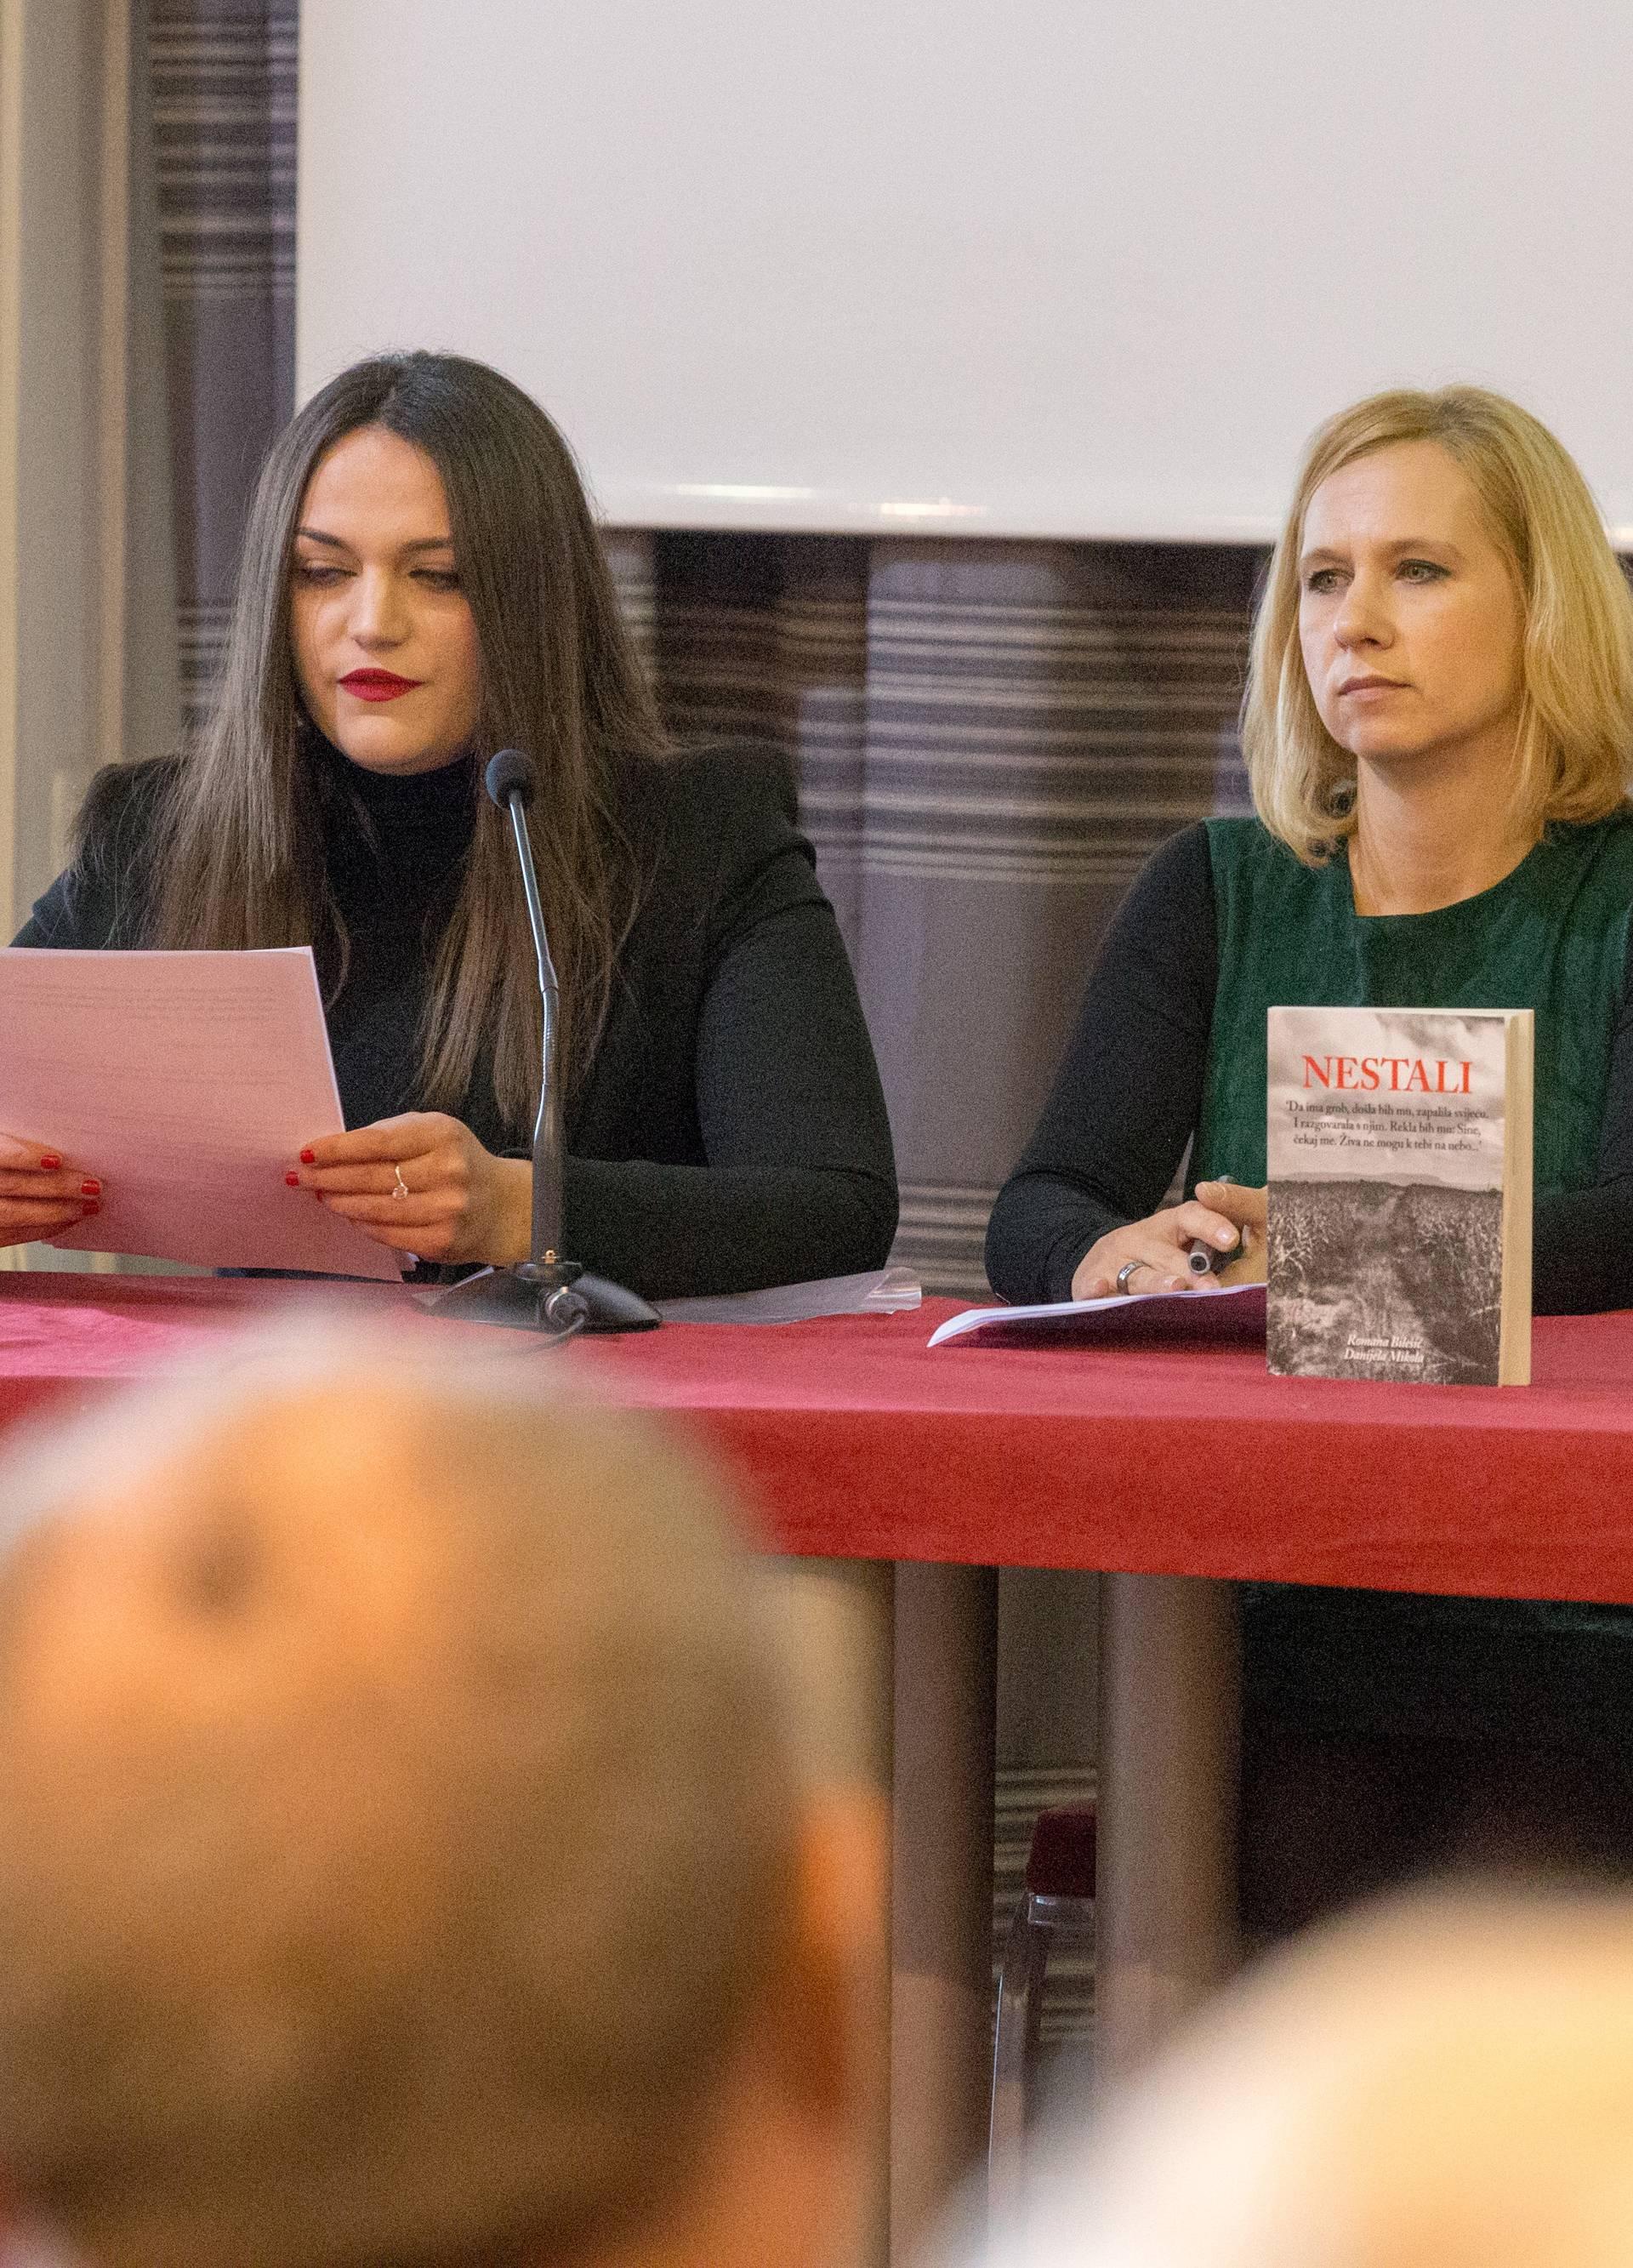 Članovi obitelji nestalih pratili su promociju knjige u suzama